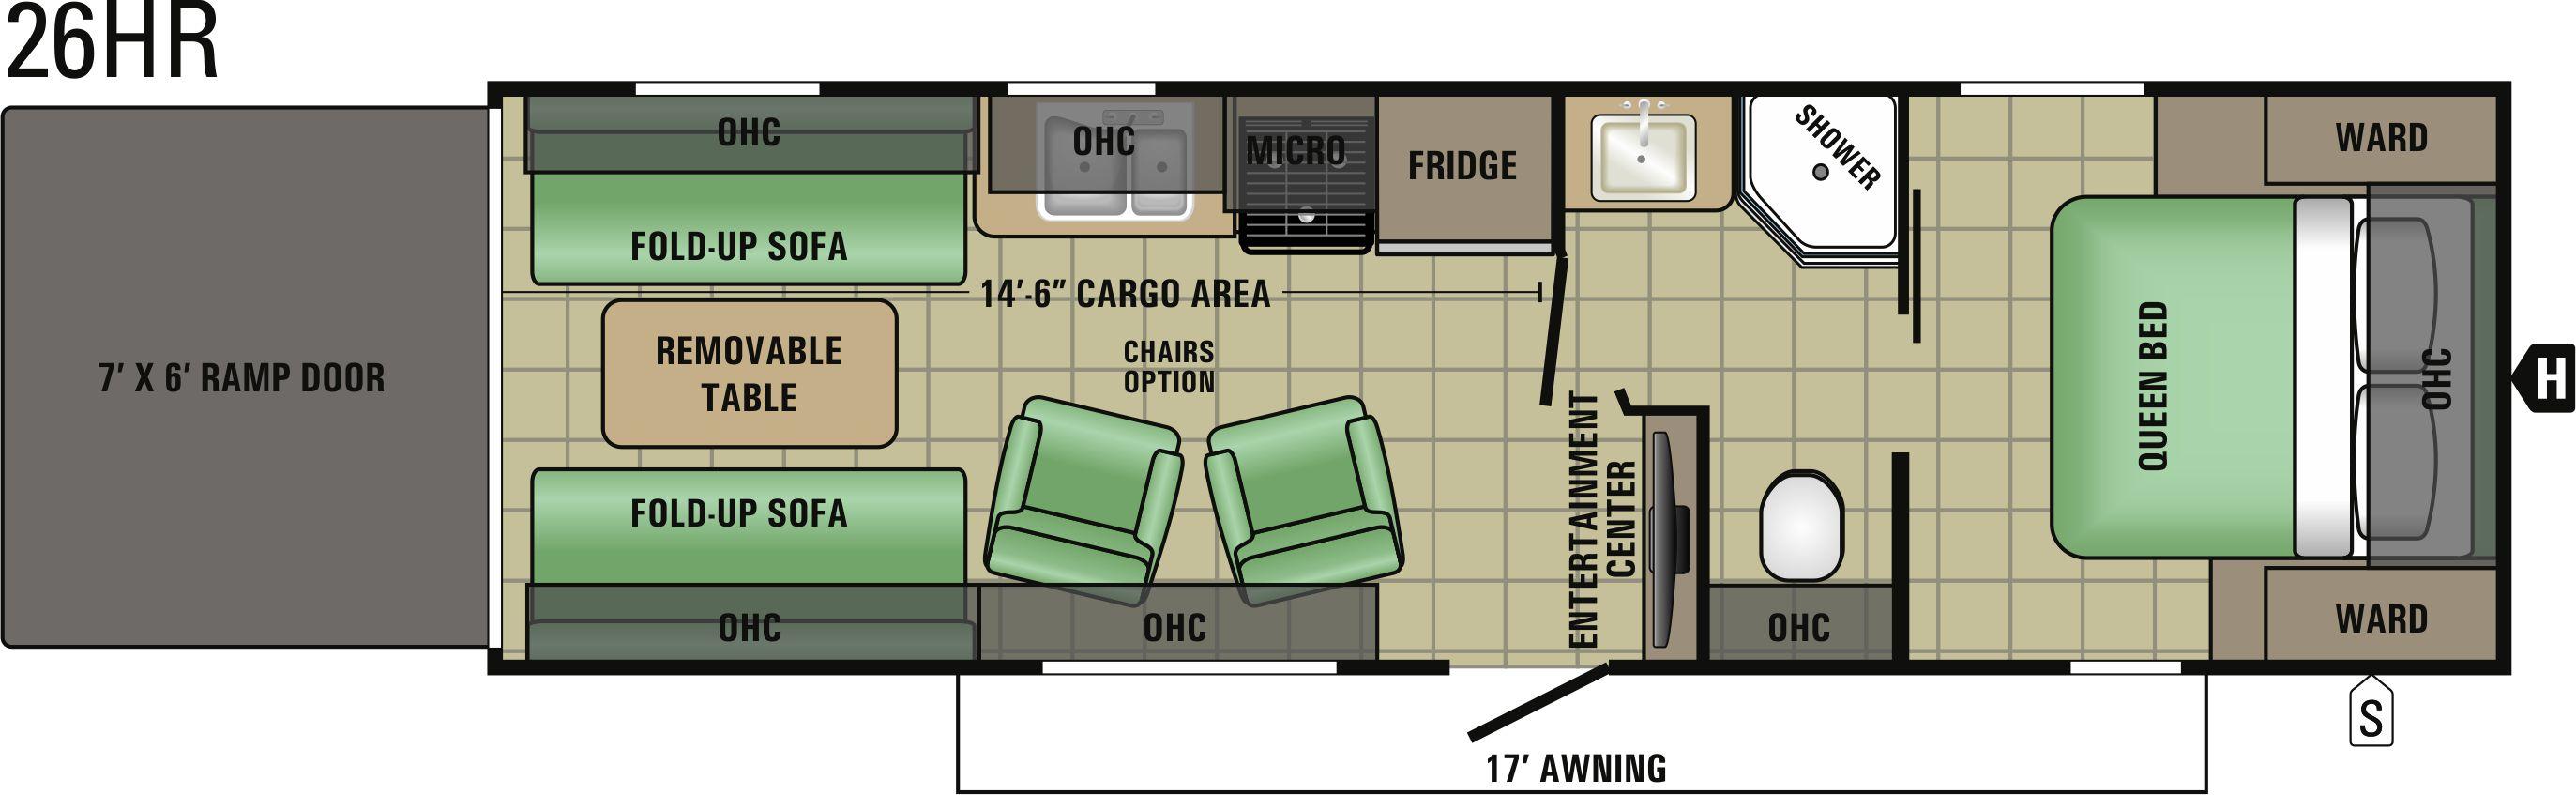 26HR Floorplan